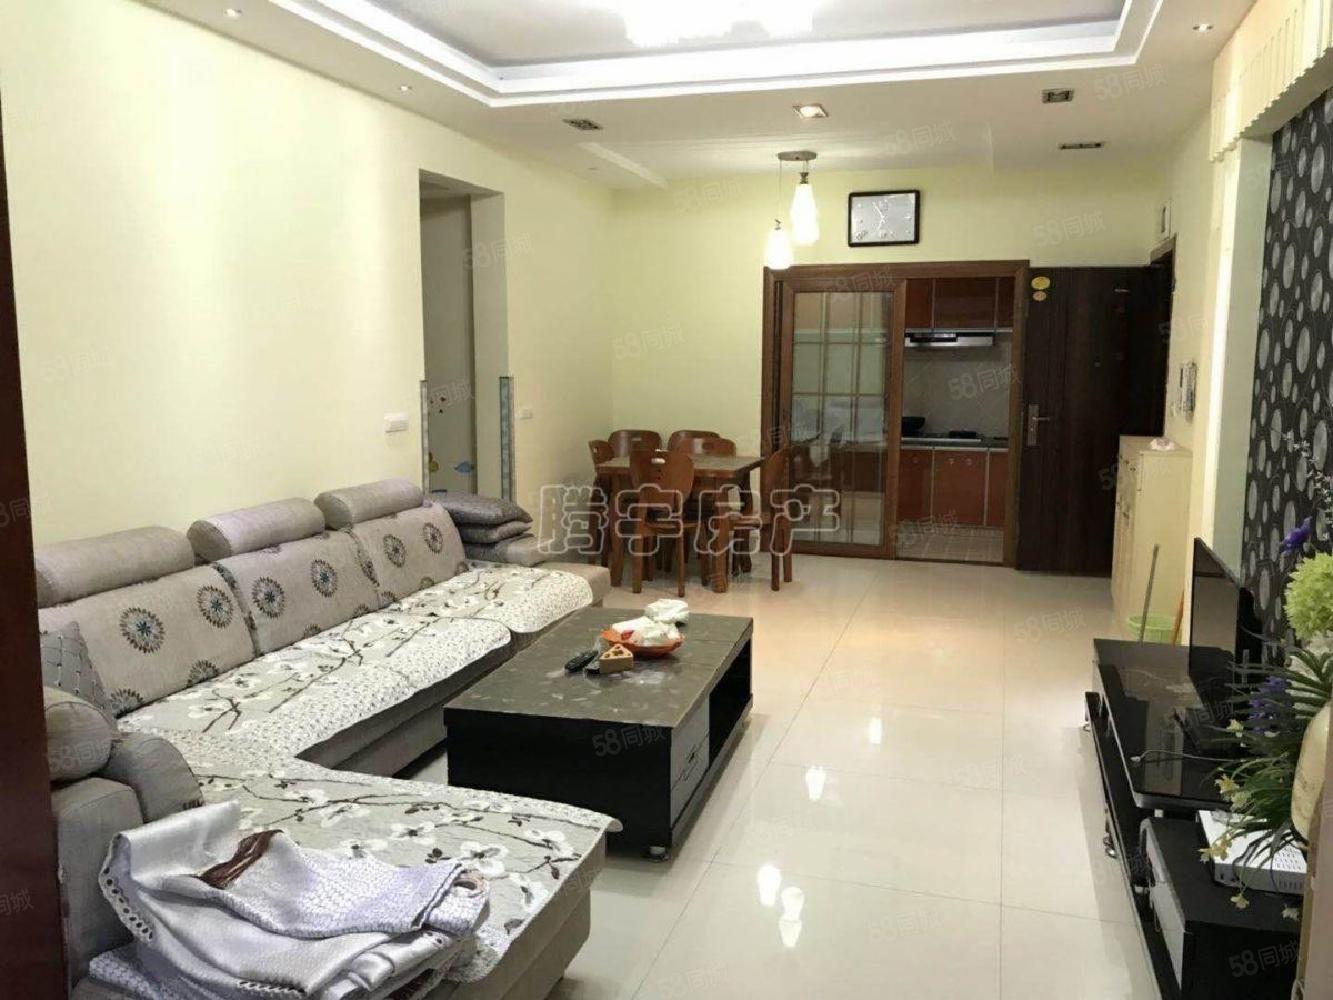 中慧城家具电器齐全精装修三室只要1500非常干净